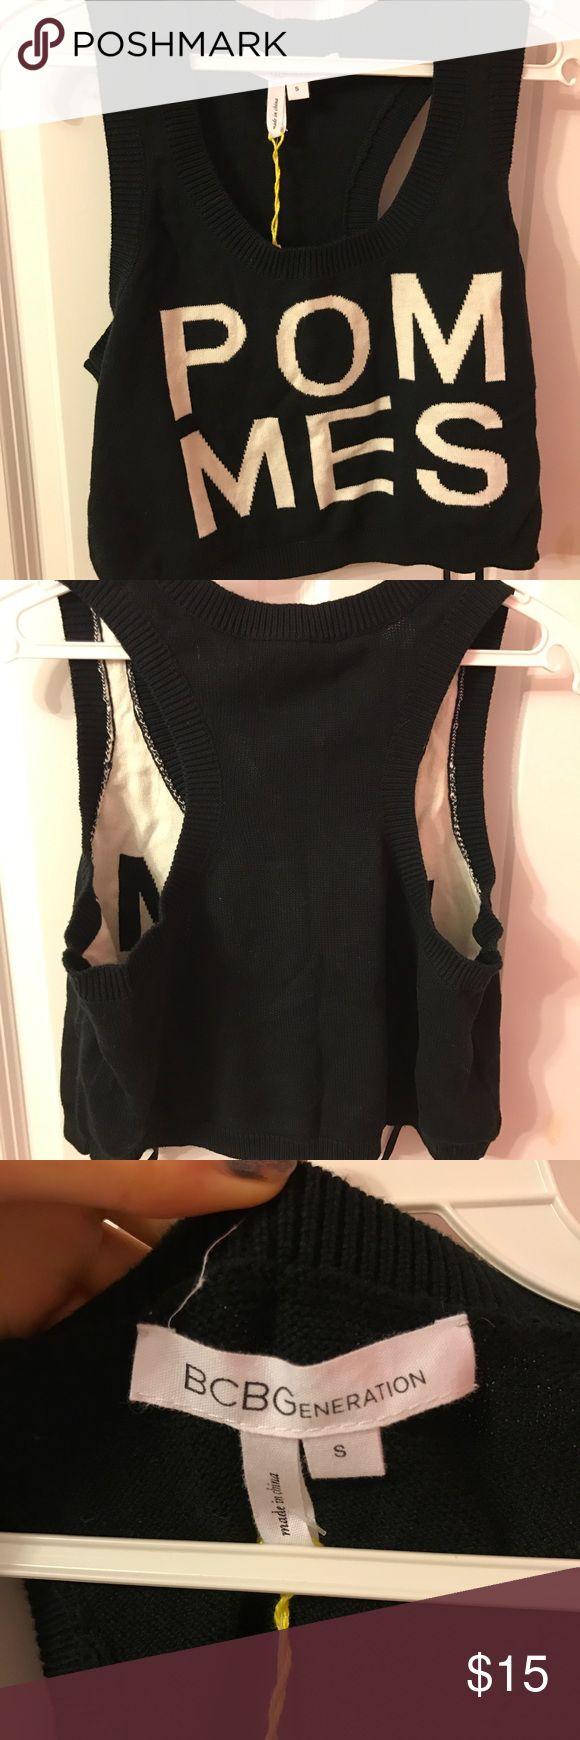 Spotted while shopping on Poshmark: BCBG Shirt! #poshmark #fashion #shopping #style #BCBGeneration #Tops